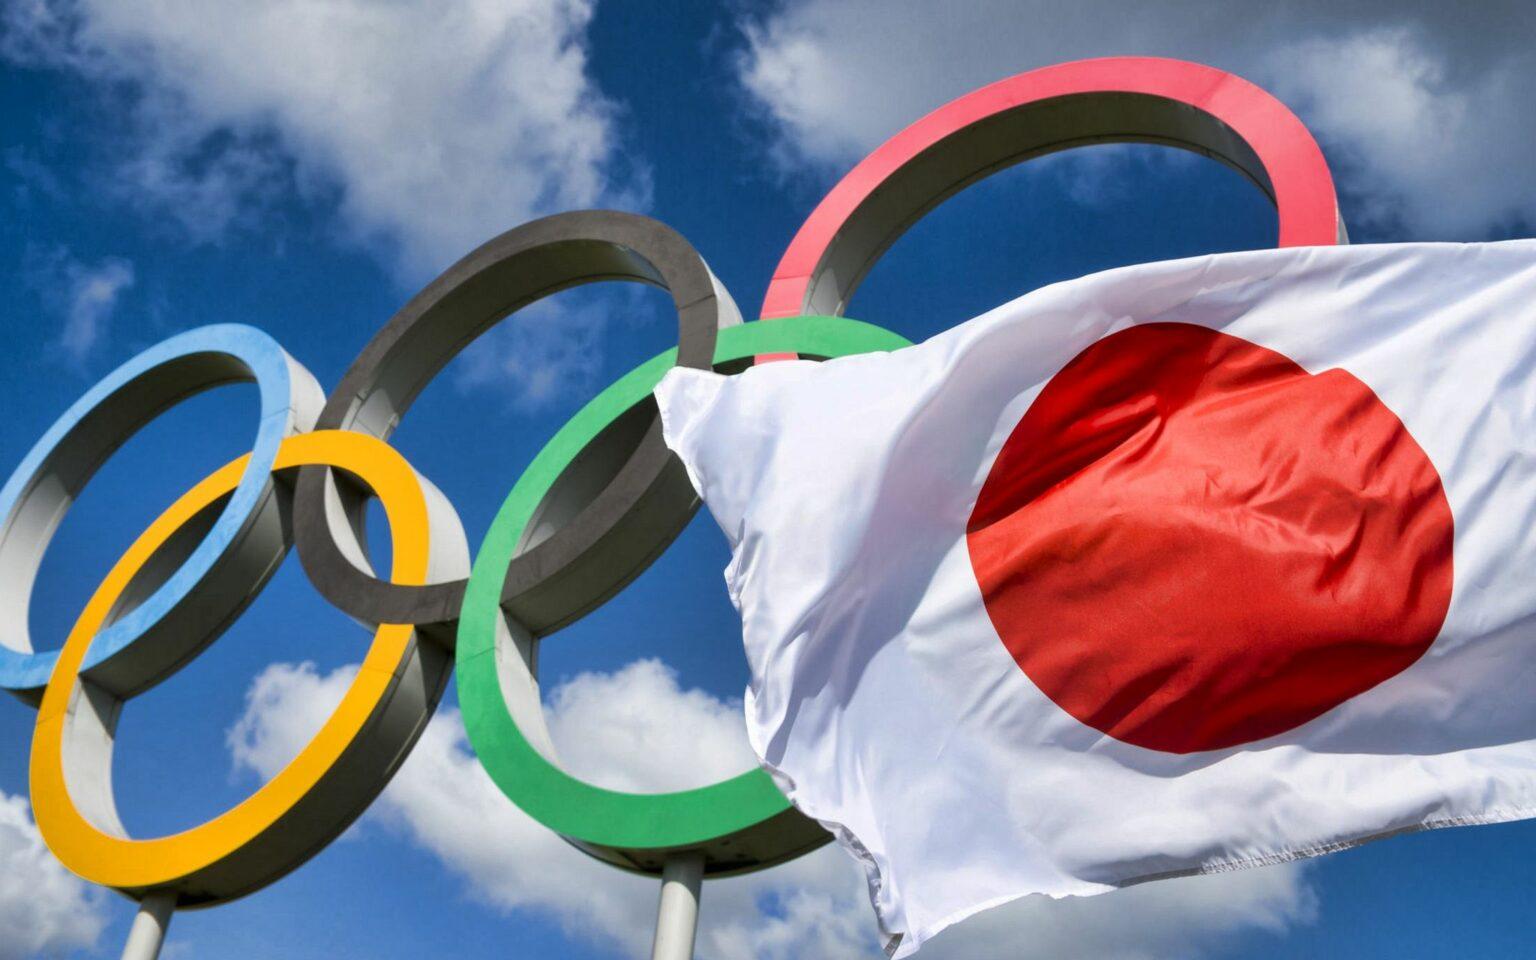 टोकियो ओलम्पिक : सबै टिम गेममा नकआउट चरण शुरू